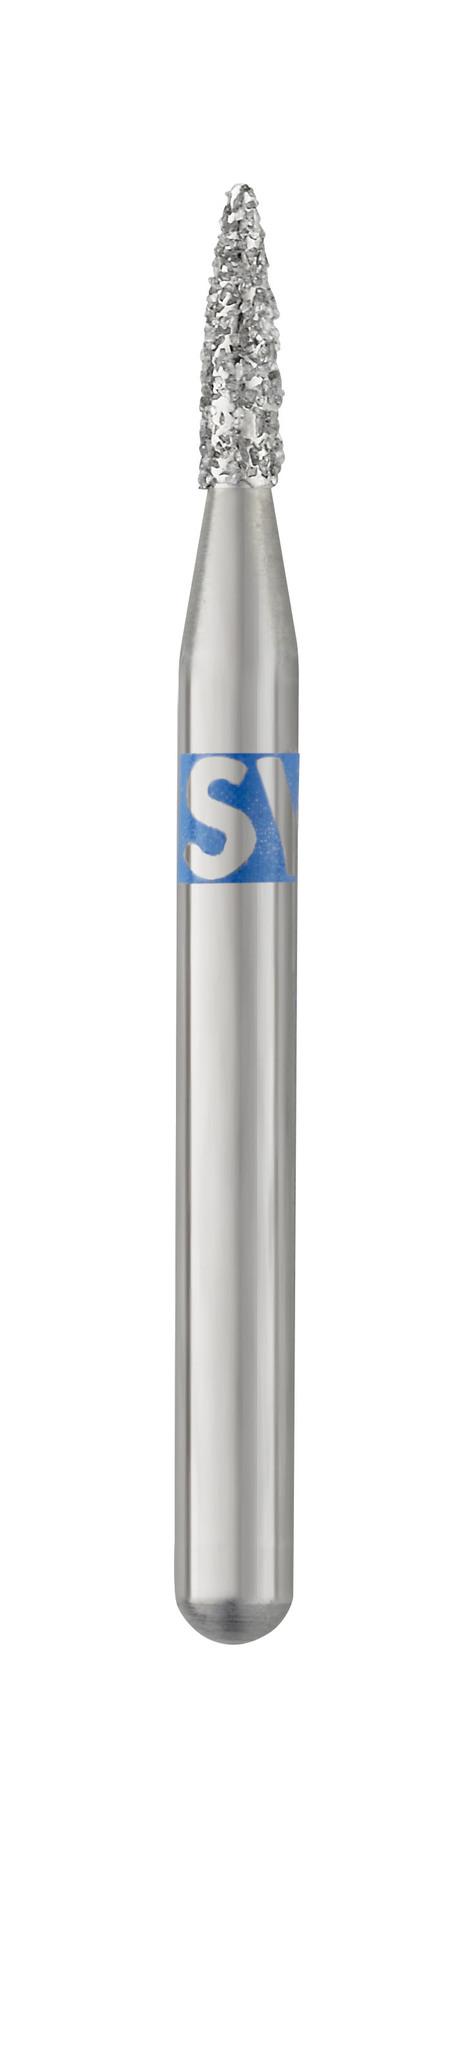 Боры алмазные SSWHITE серии HP 860/012